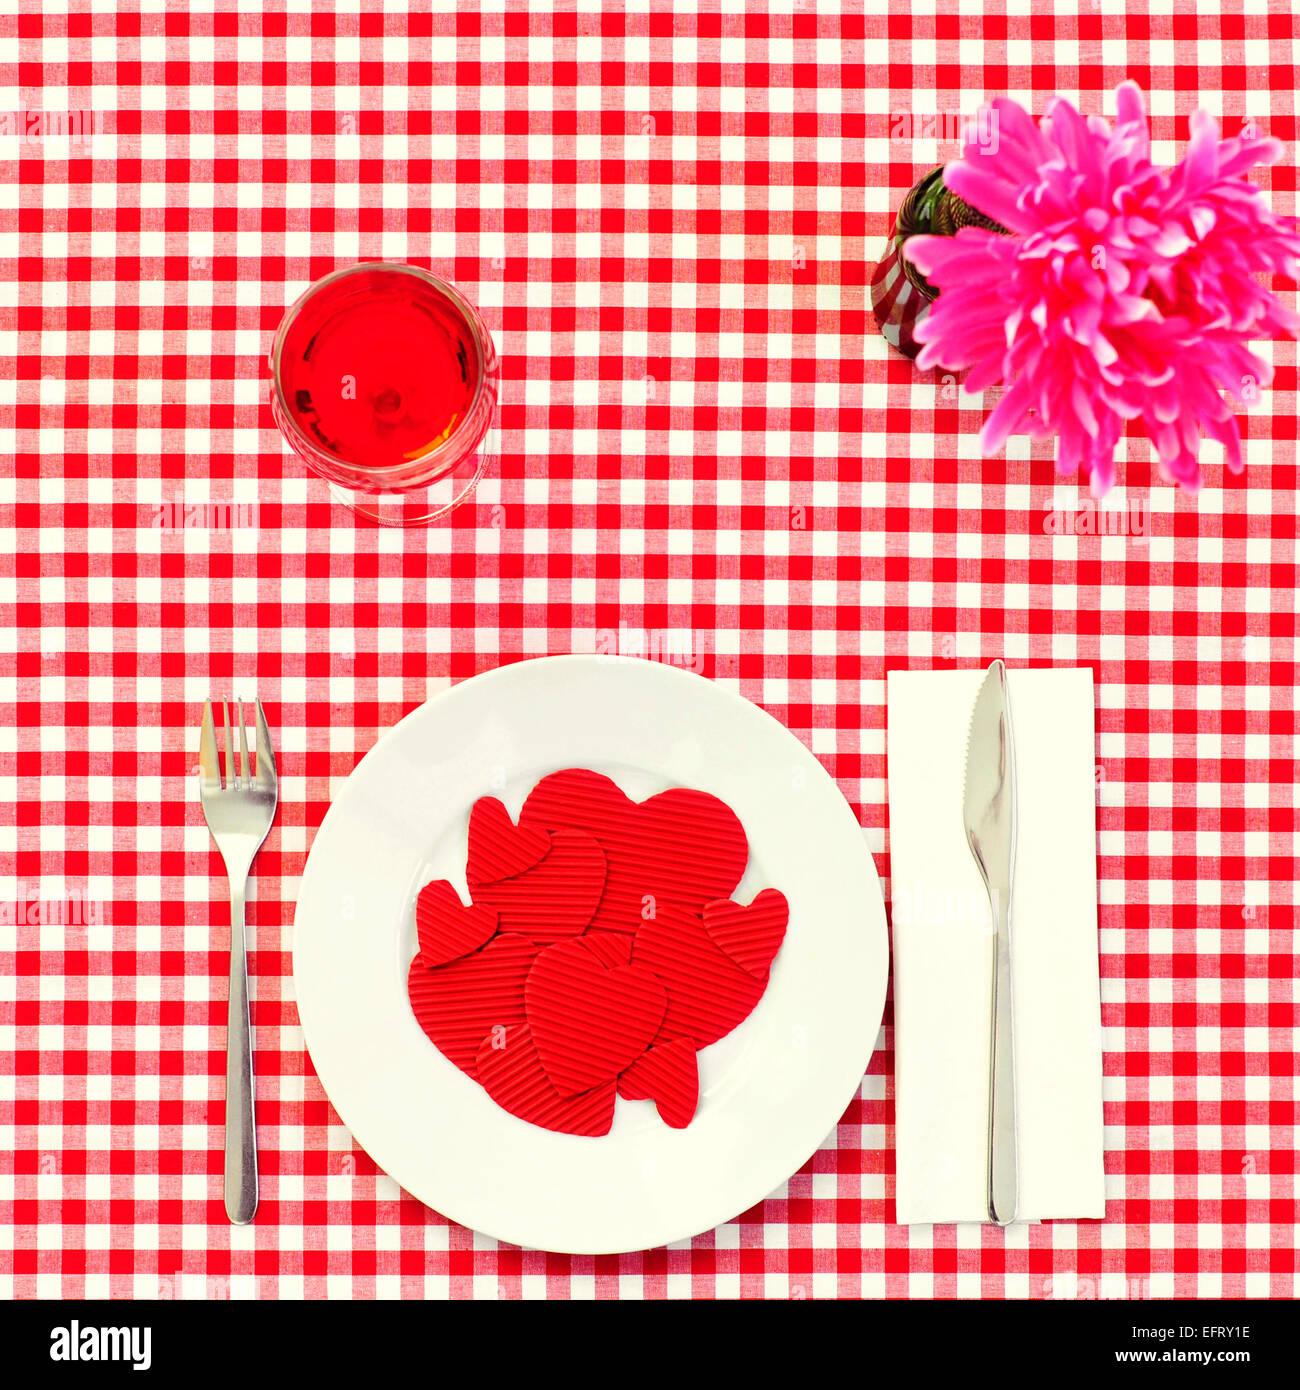 Capture d'un grand angle d'une assiette pleine de coeurs rouges de différentes tailles sur un ensemble Photo Stock